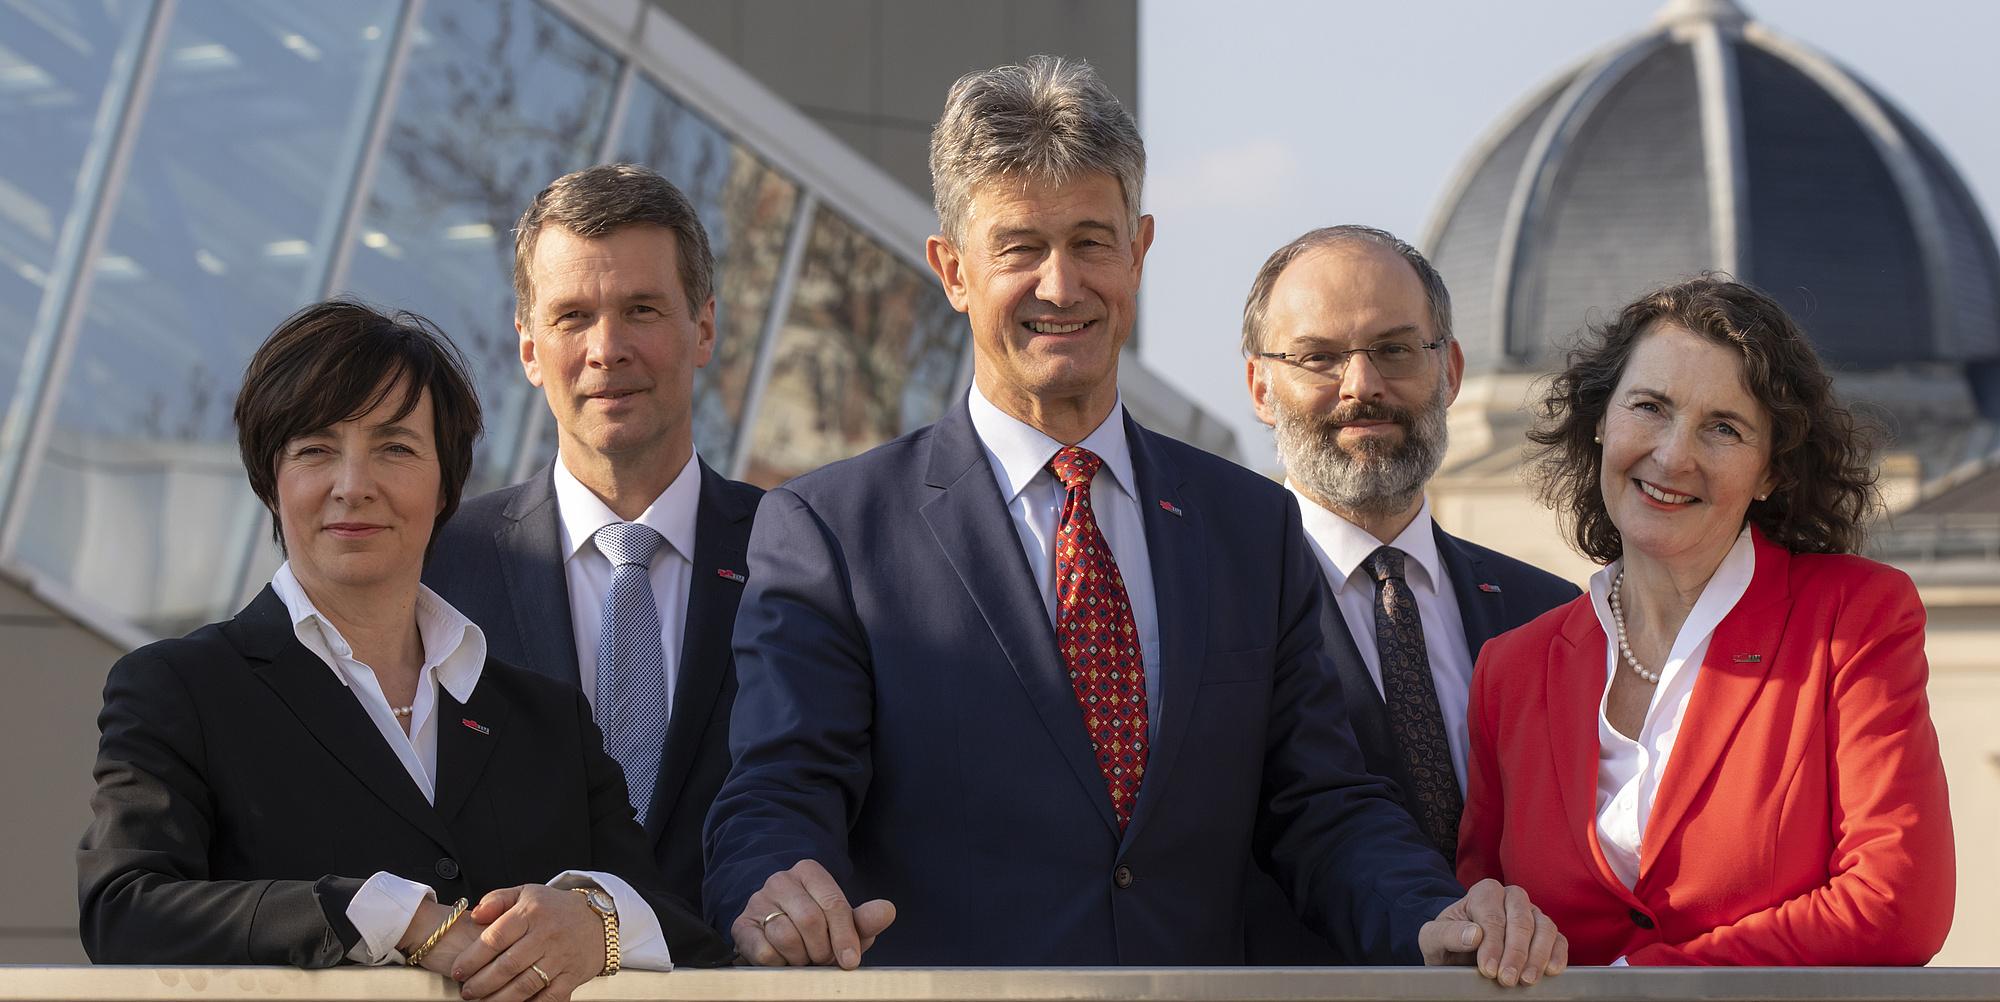 Rektoratsteam der TU Graz